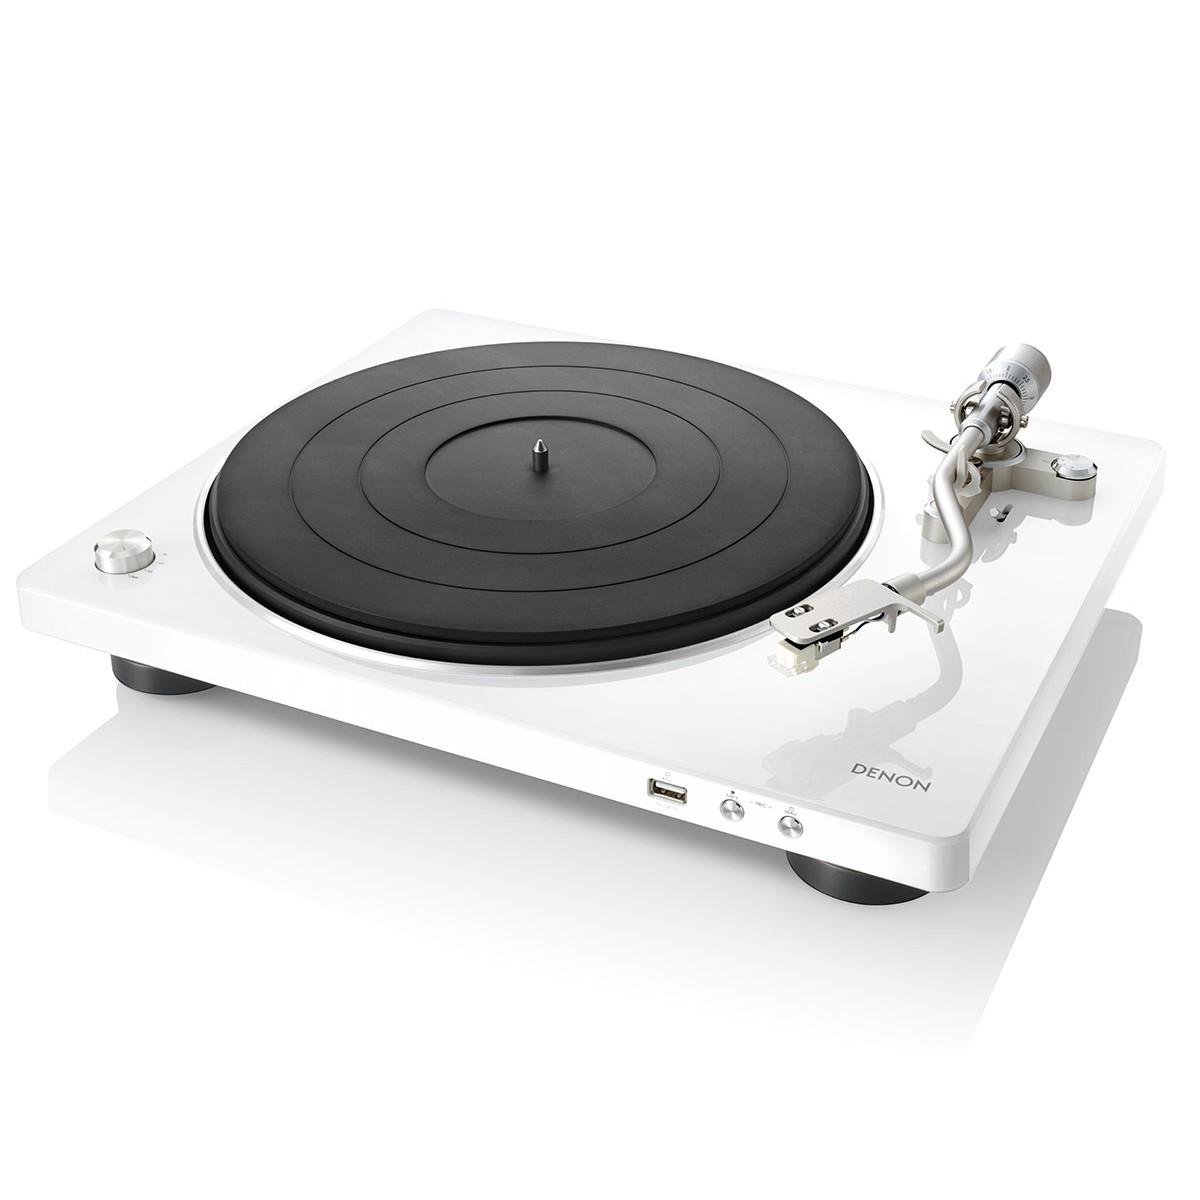 Analogový gramofon s USB výstupem DP-450USB